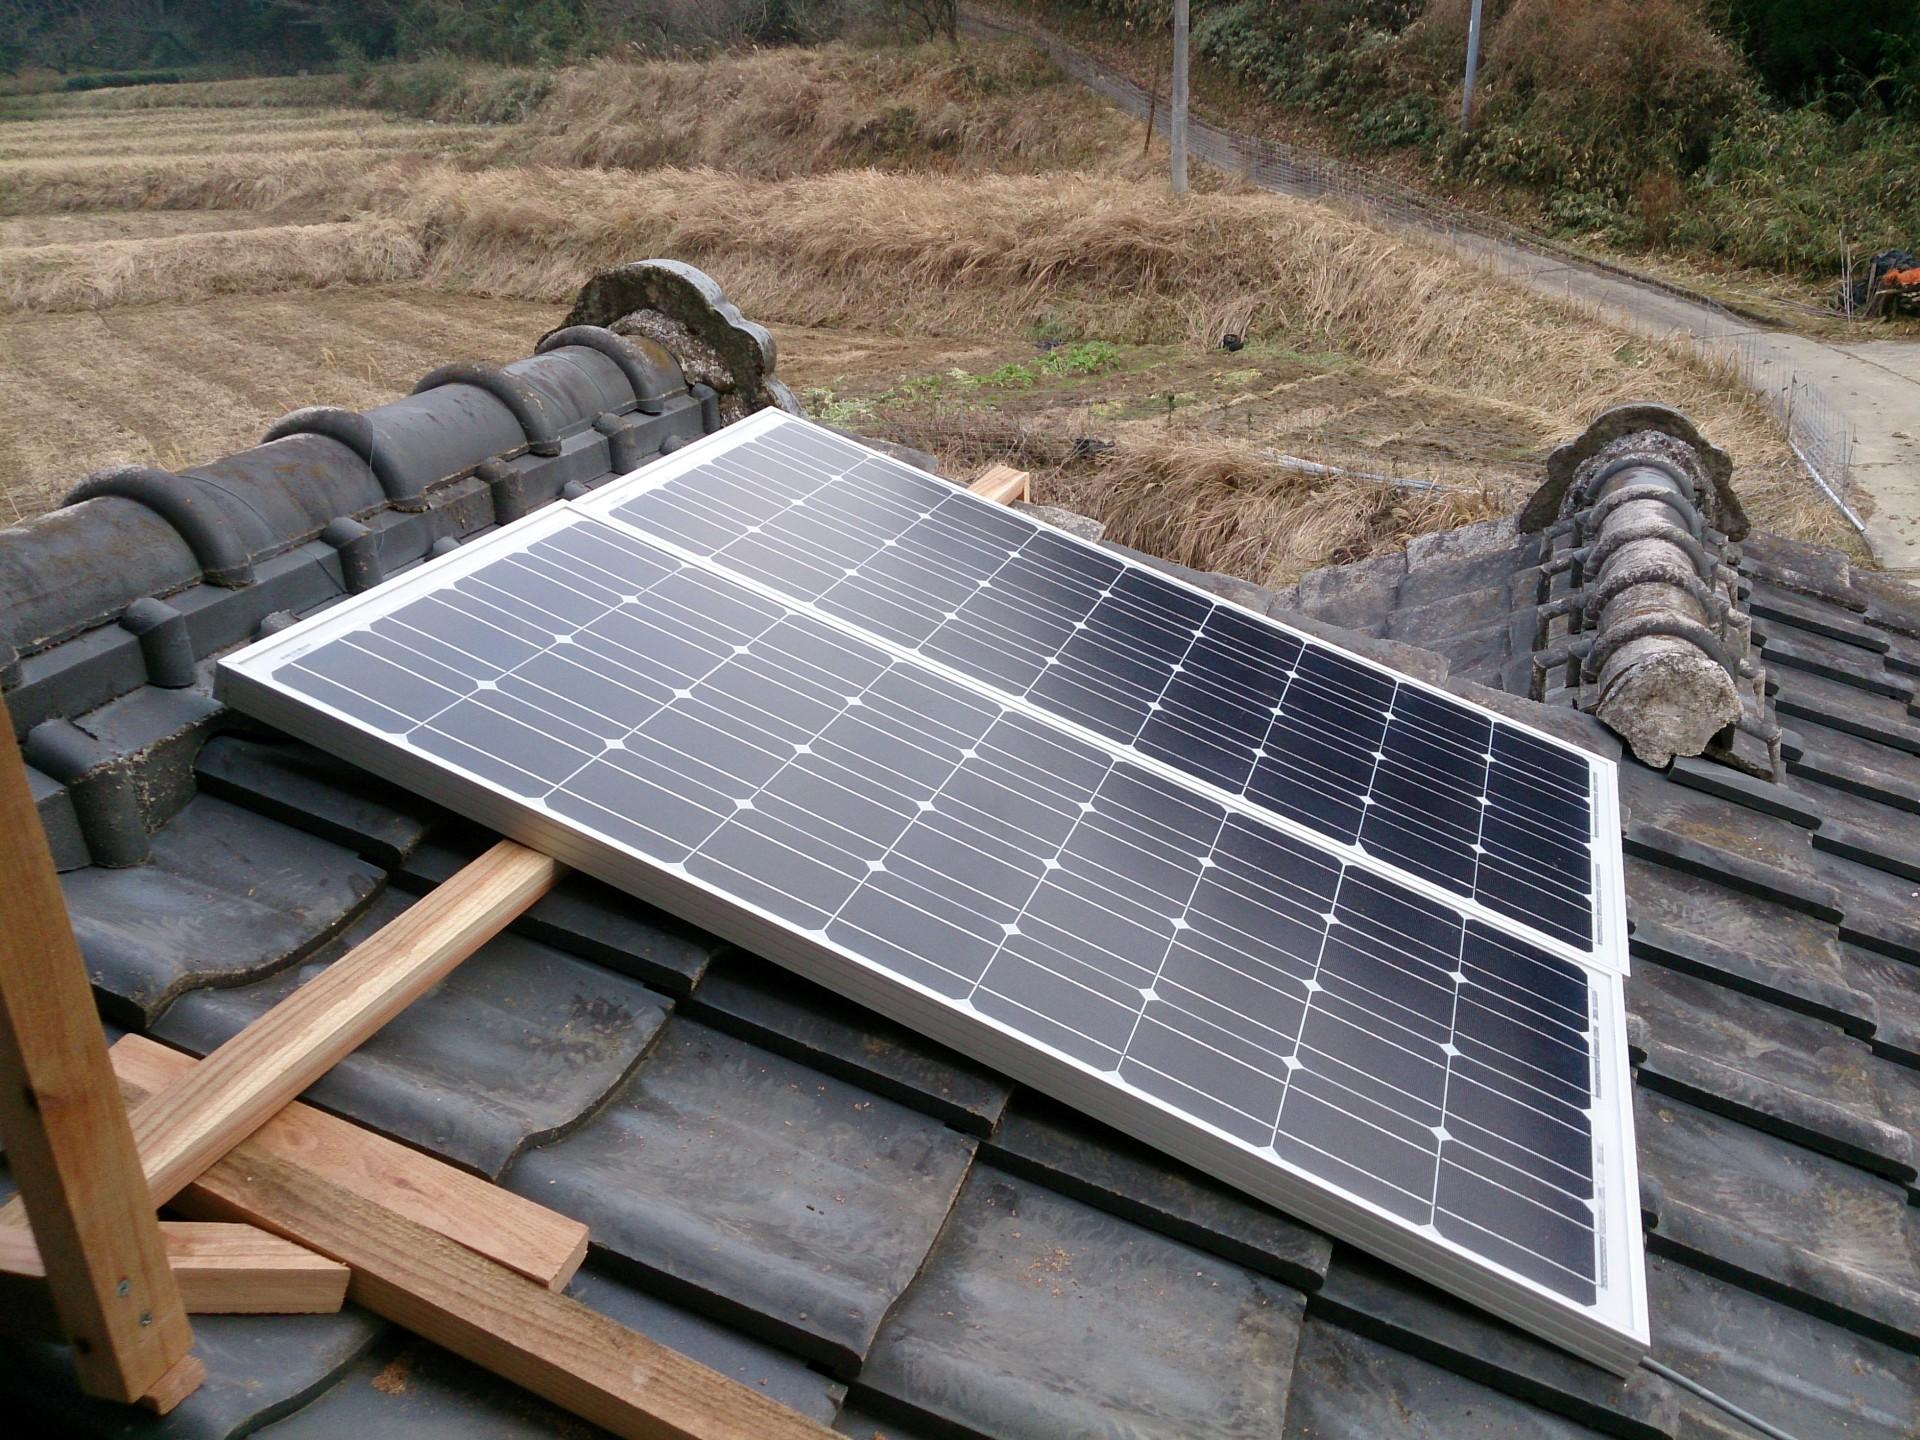 よーやく屋根にソーラーパネル設置しました